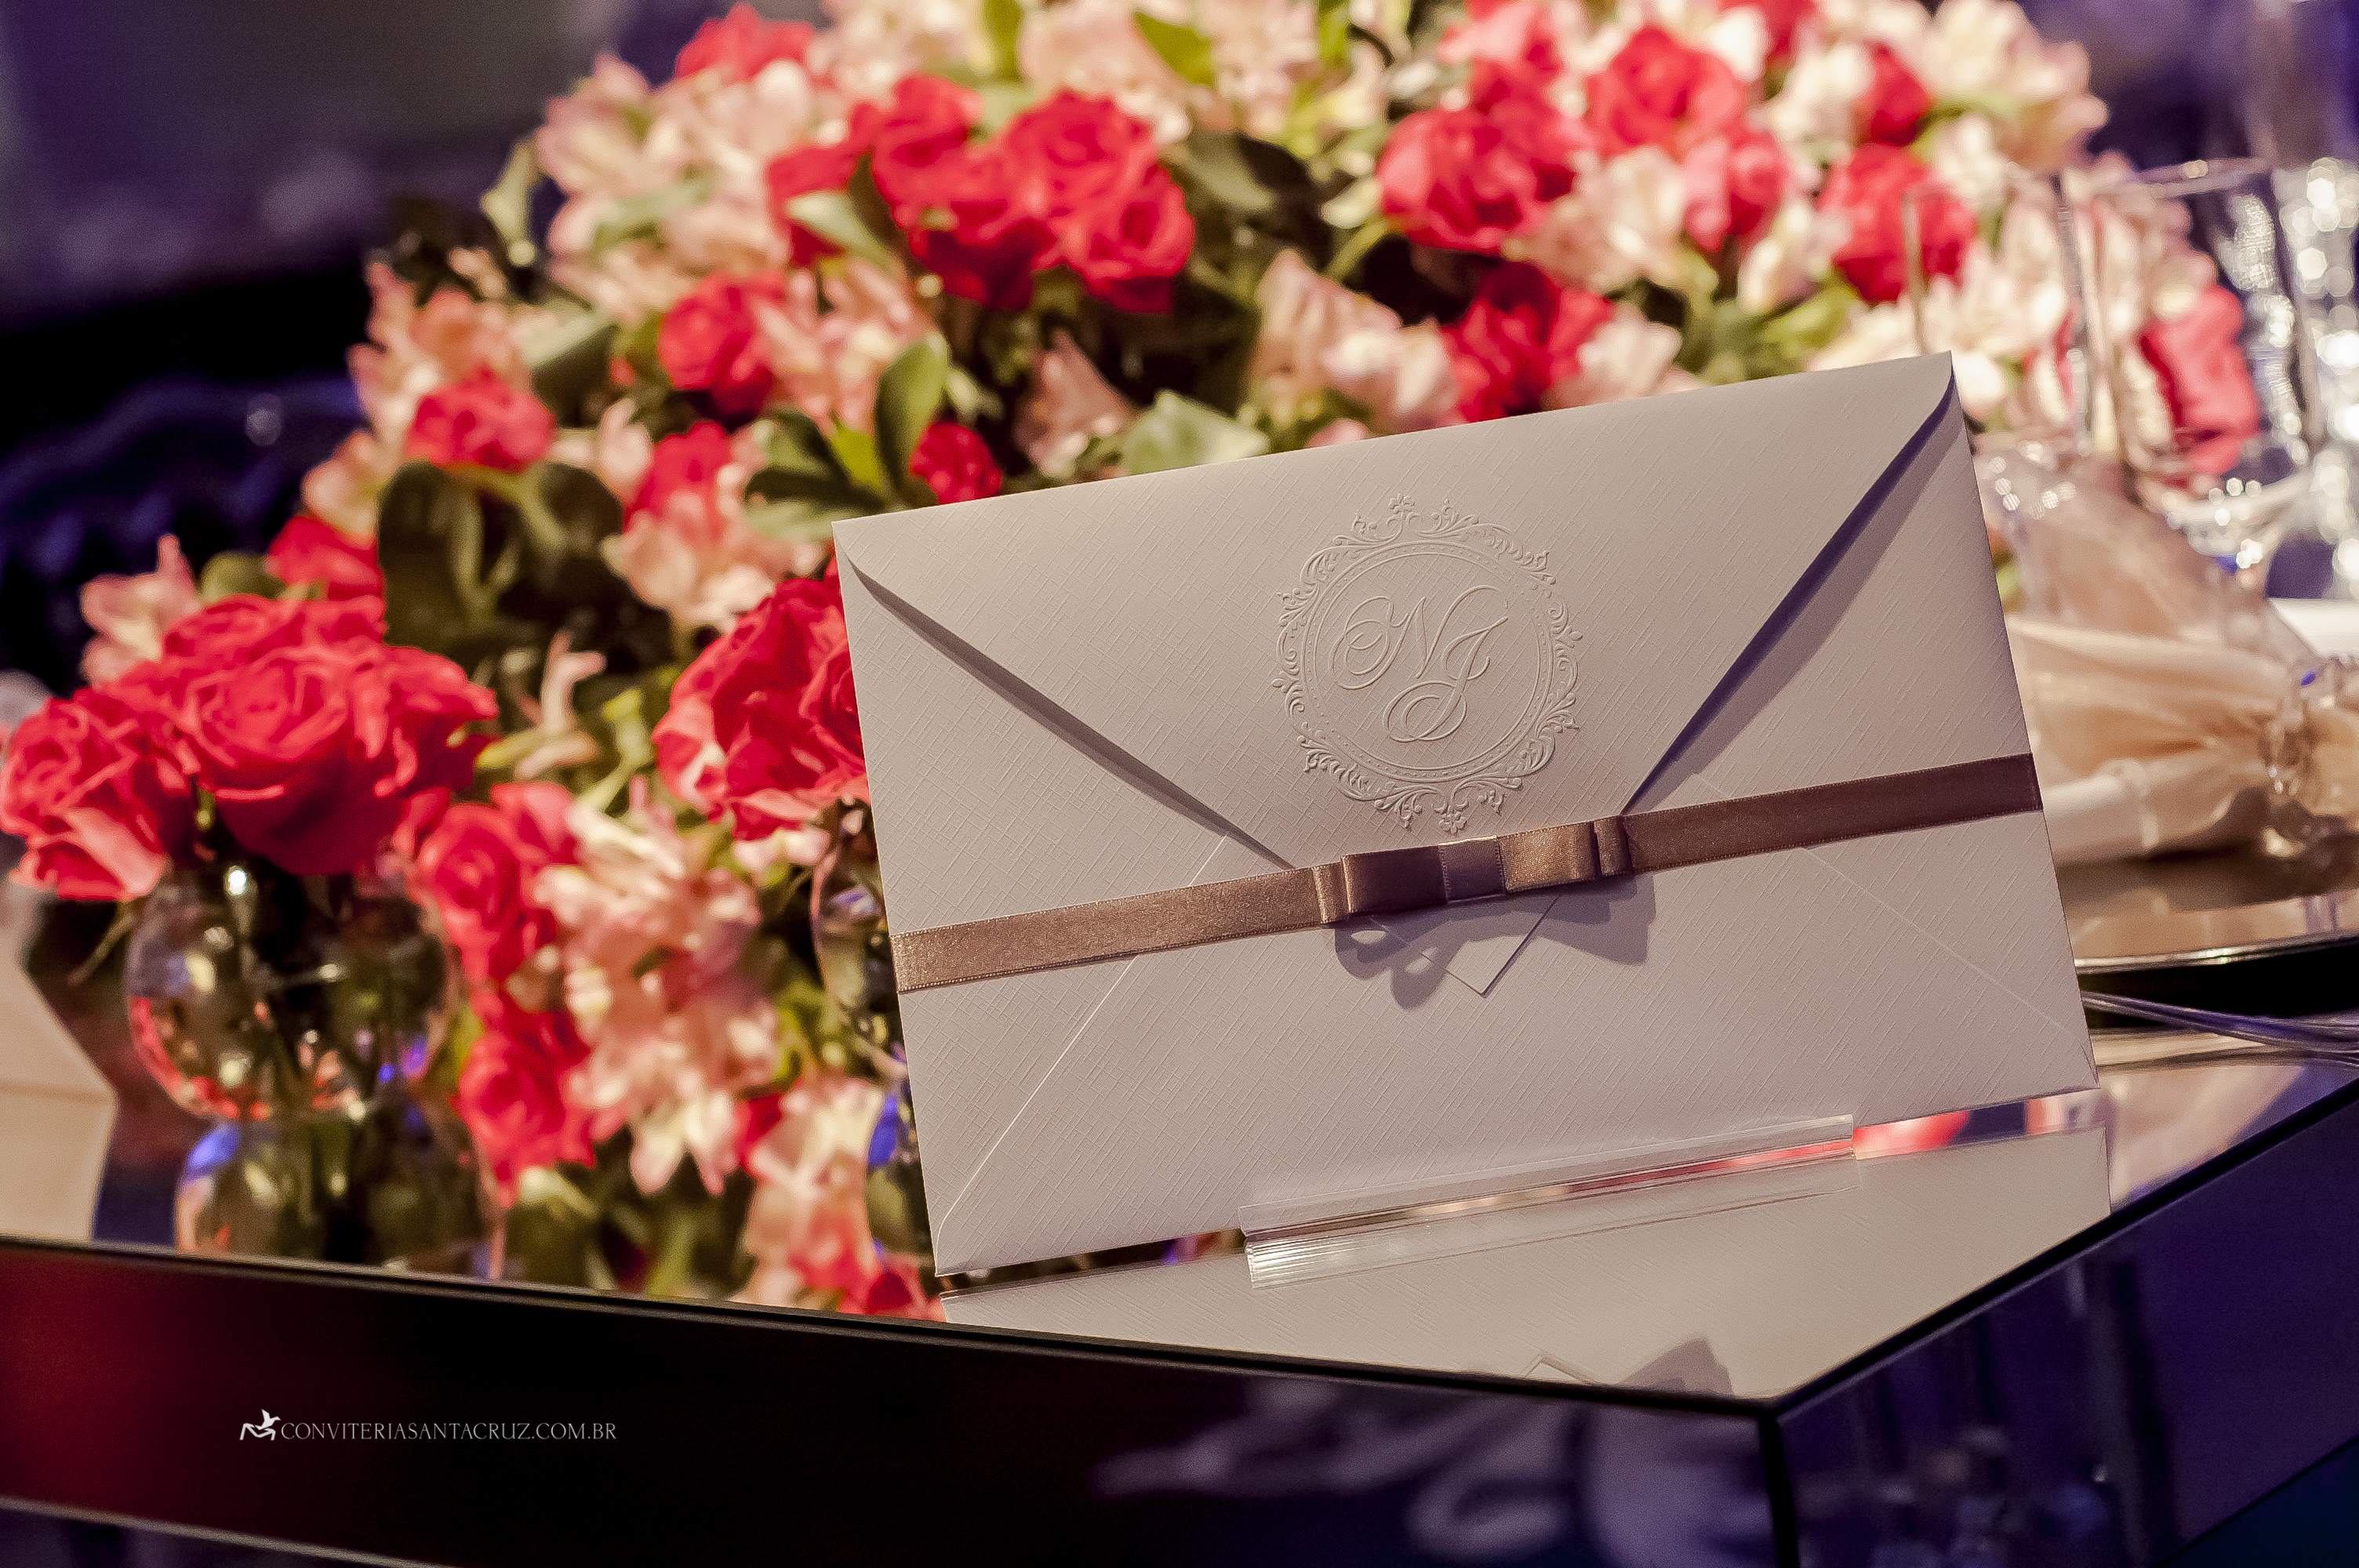 Convite de casamento com papel telado de alta gramatura e brasão exclusivo.